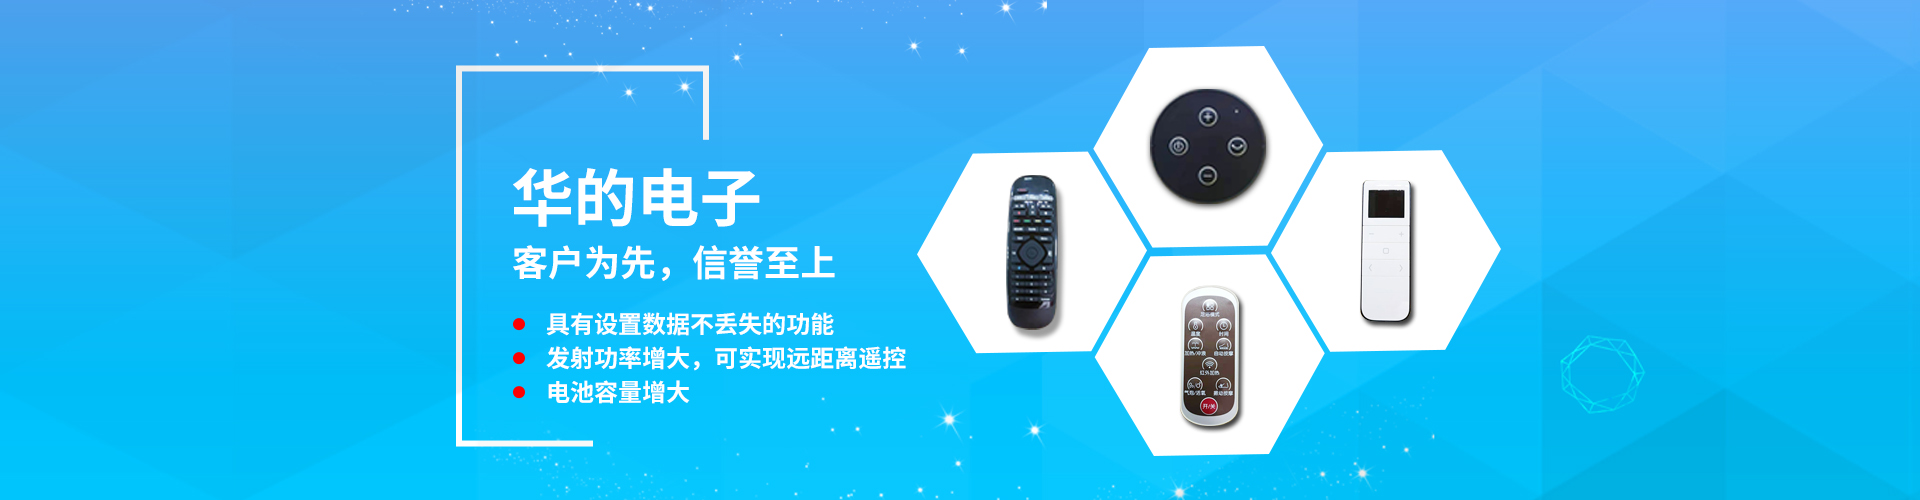 深圳遥控器厂家